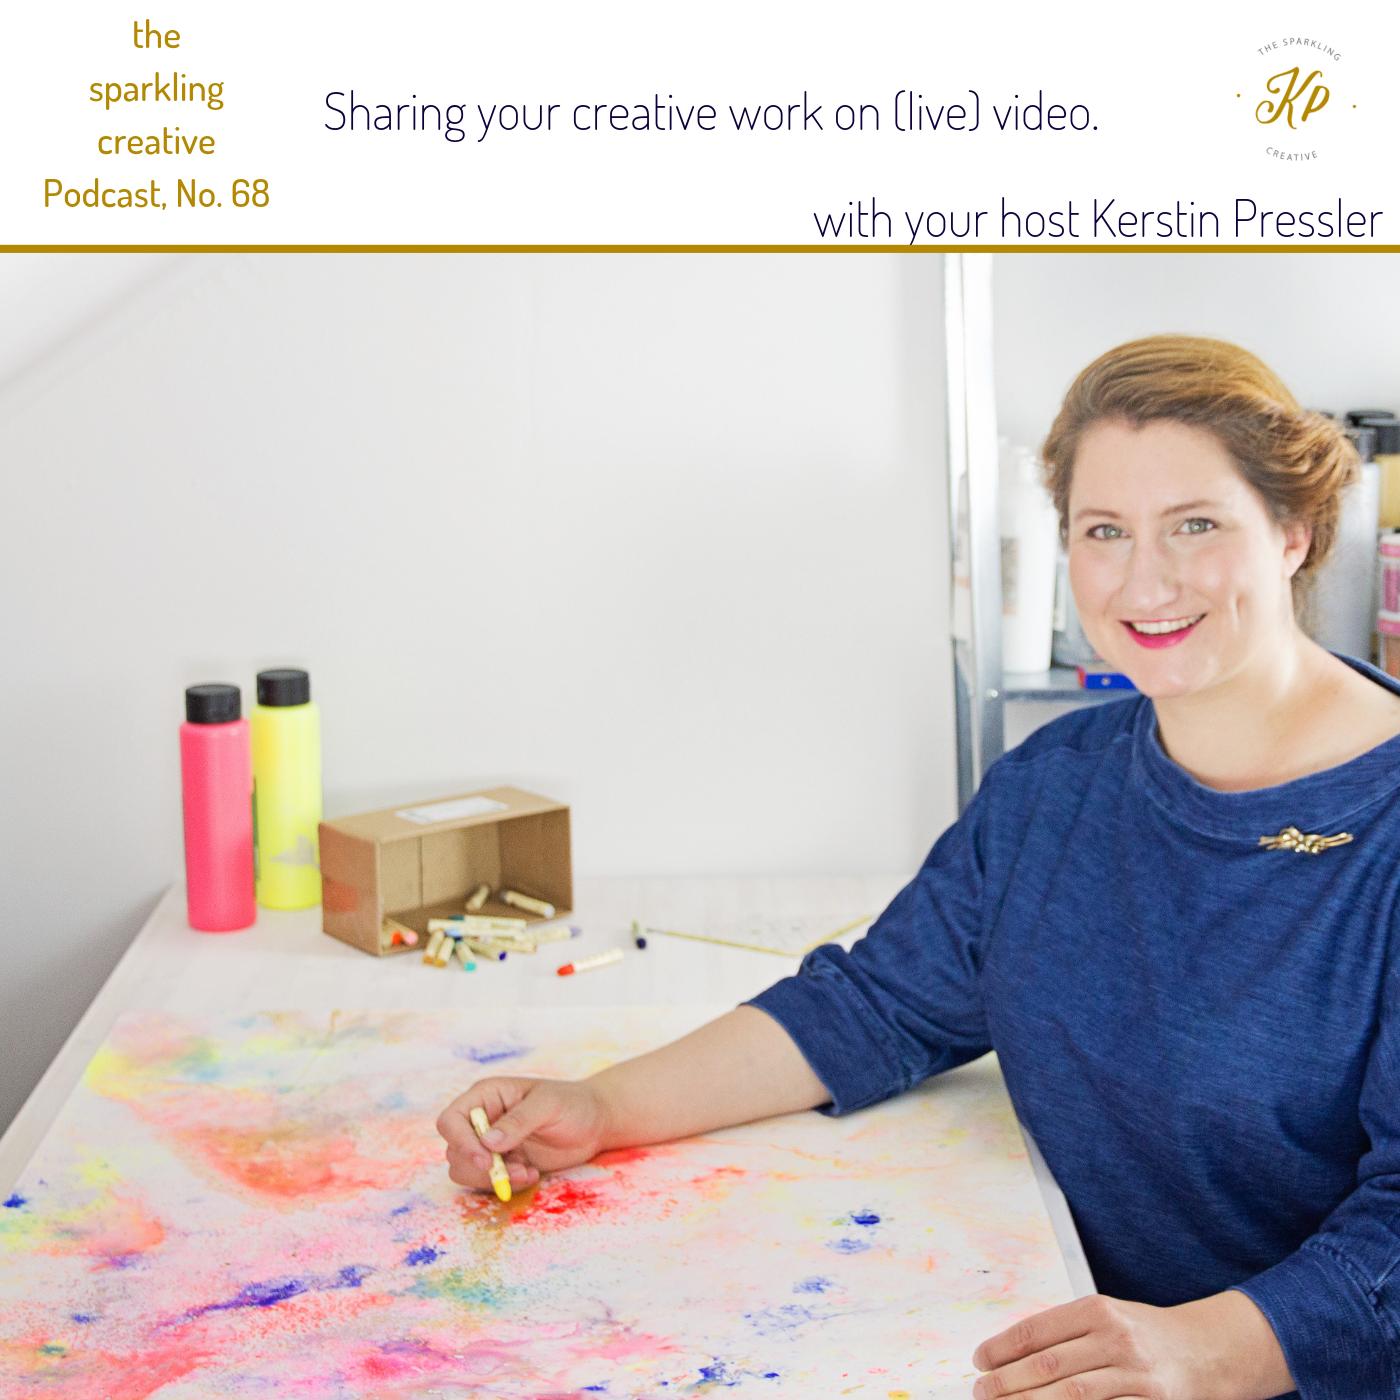 the sparkling creative Podcast,  Episode 68: Sharing your creative work on (live) video. www.kerstinpressler.com/blog-2/episode68